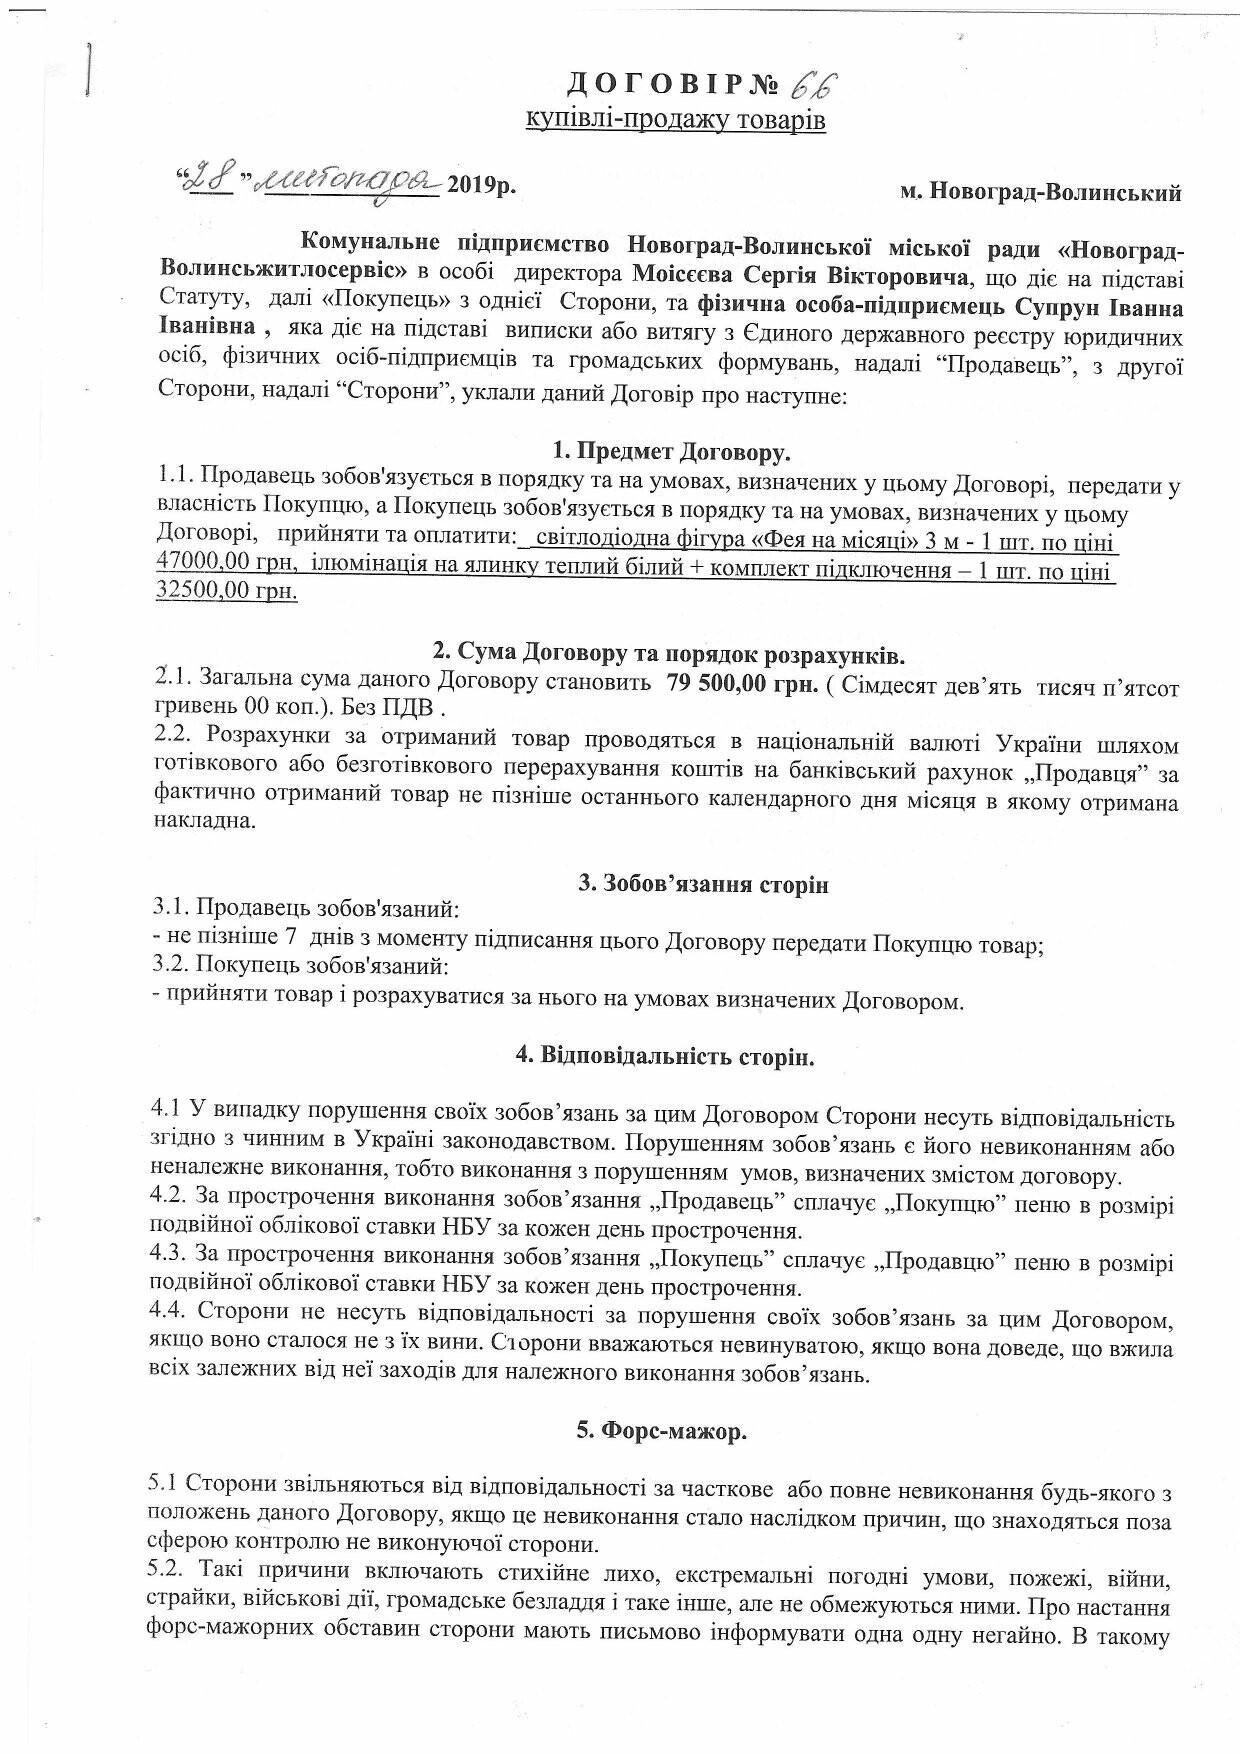 Скільки з бюджету Новограда-Волинського витратили на новорічну «Фею на місяці», фото-1